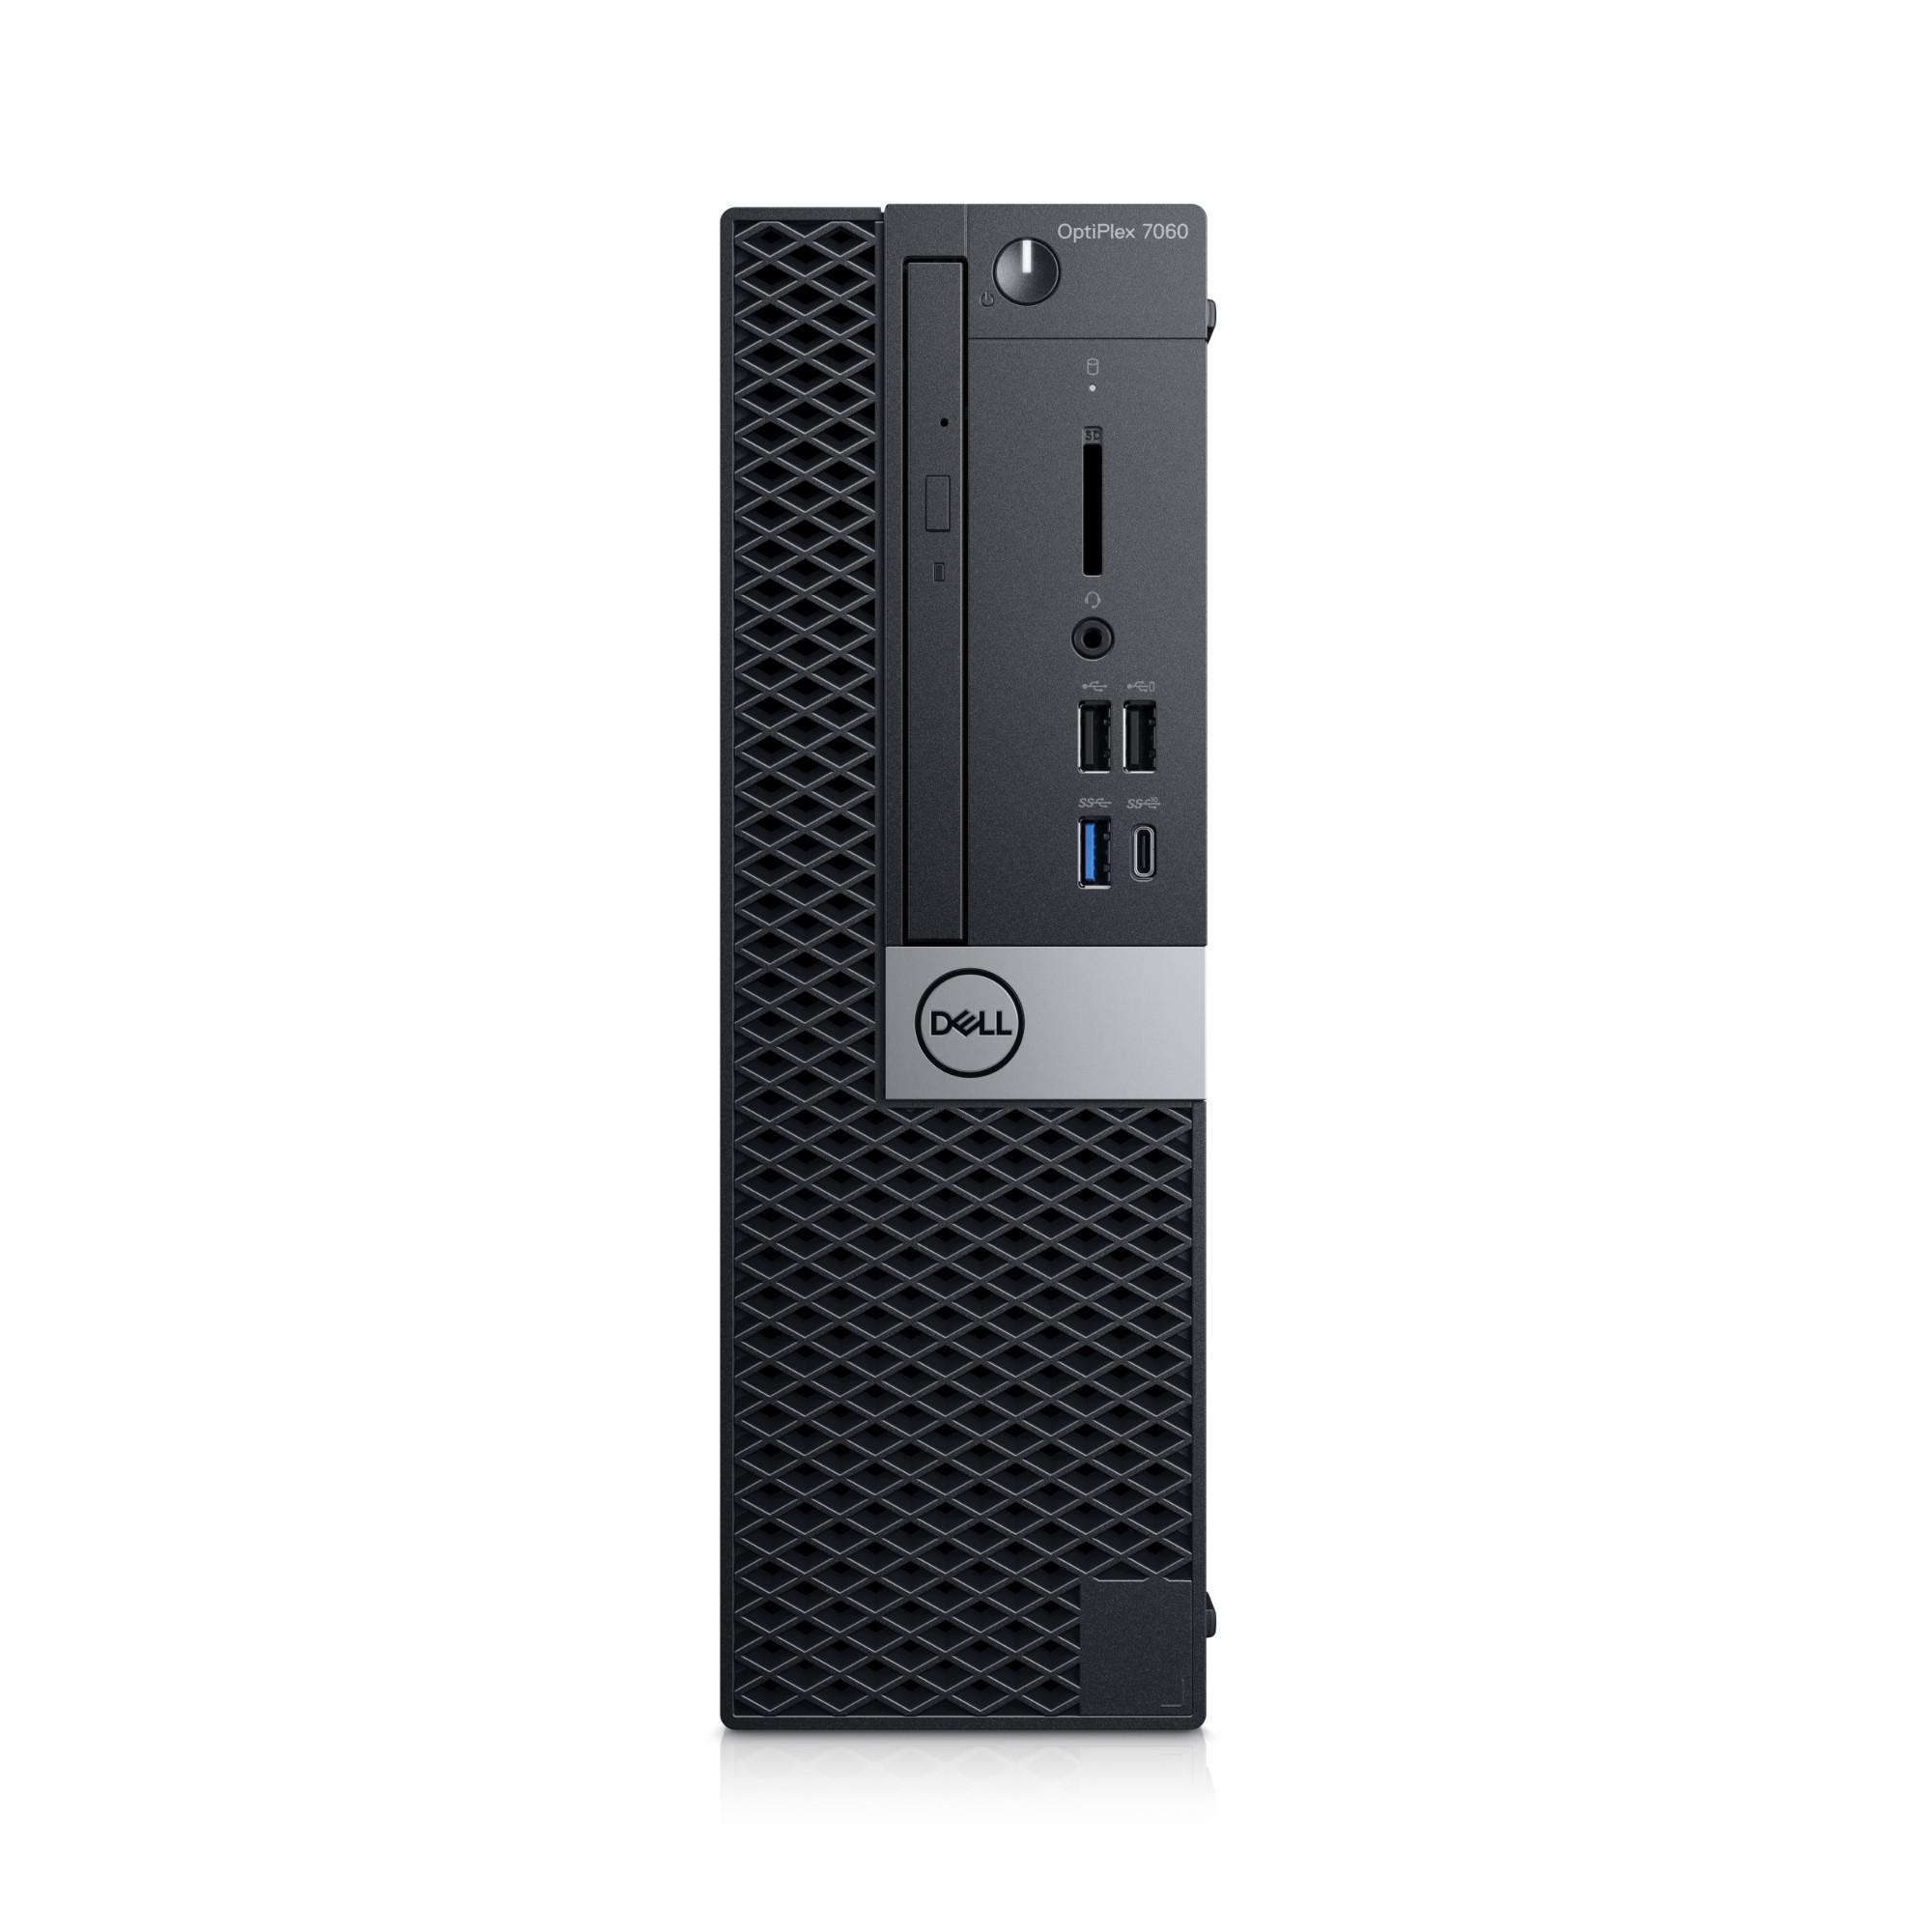 DELL OptiPlex 7060 8th gen Intel® Core™ i5 i5-8500 8 GB DDR4-SDRAM 256 GB  SSD Black SFF PC